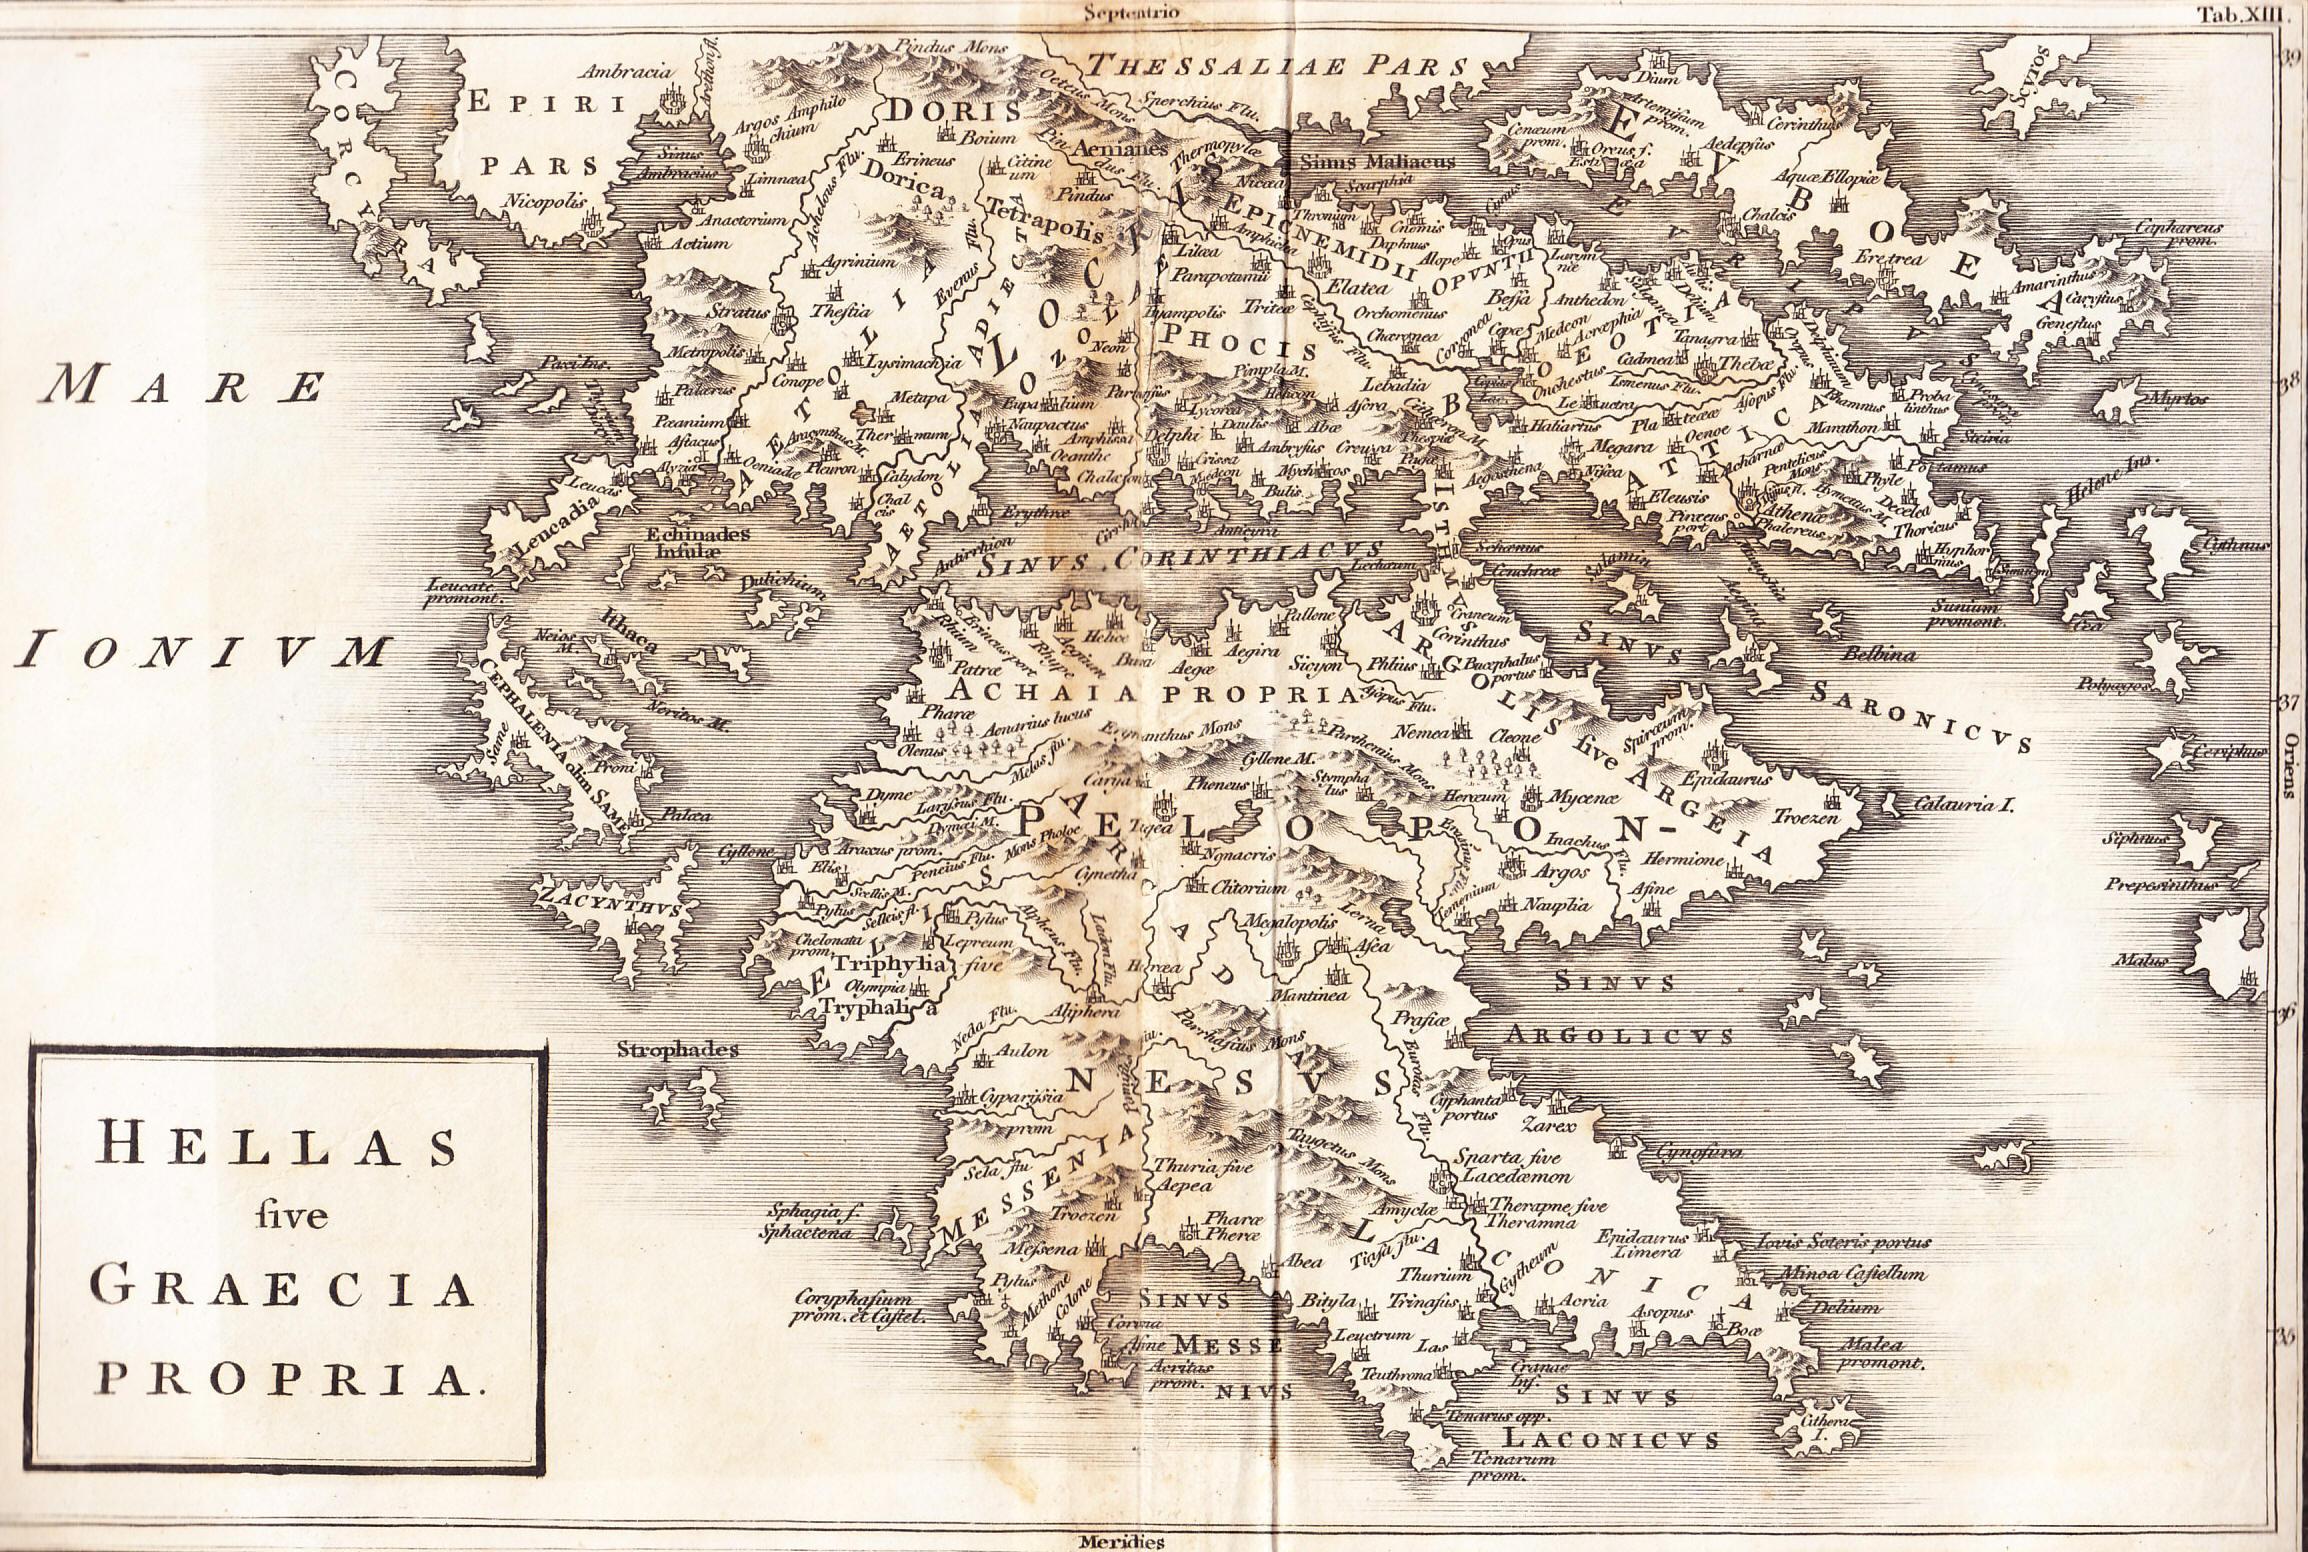 Mediaciones y acuerdos Mundo helenistico 66